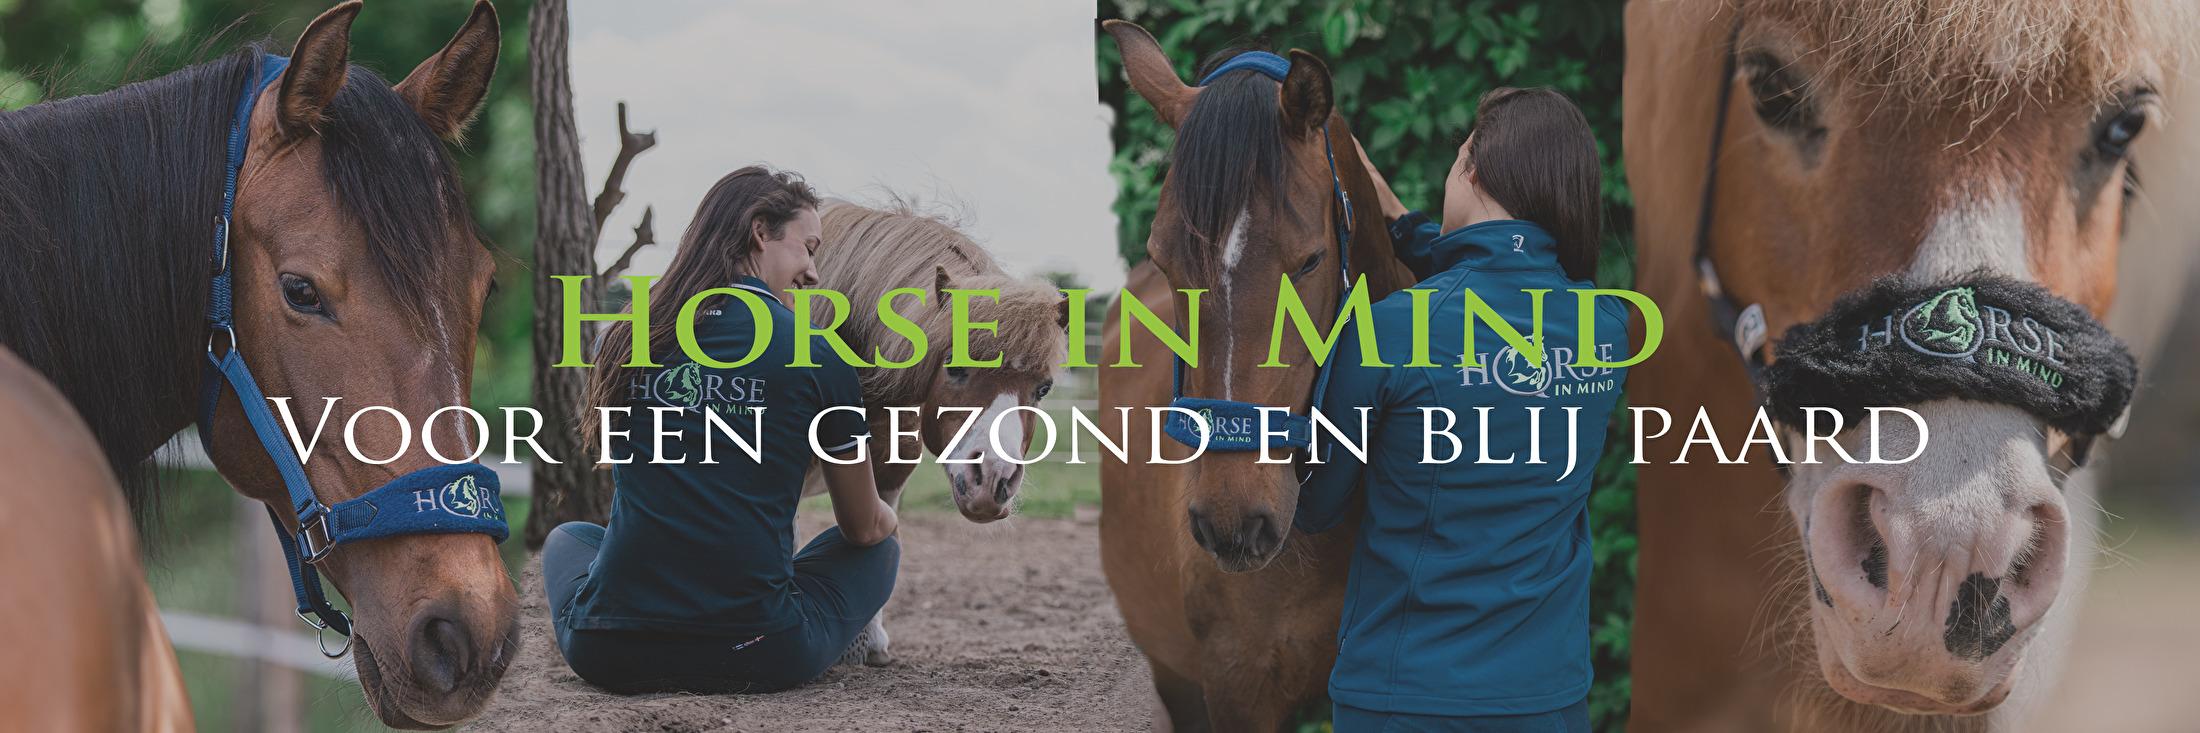 Horse in Mind merchandise